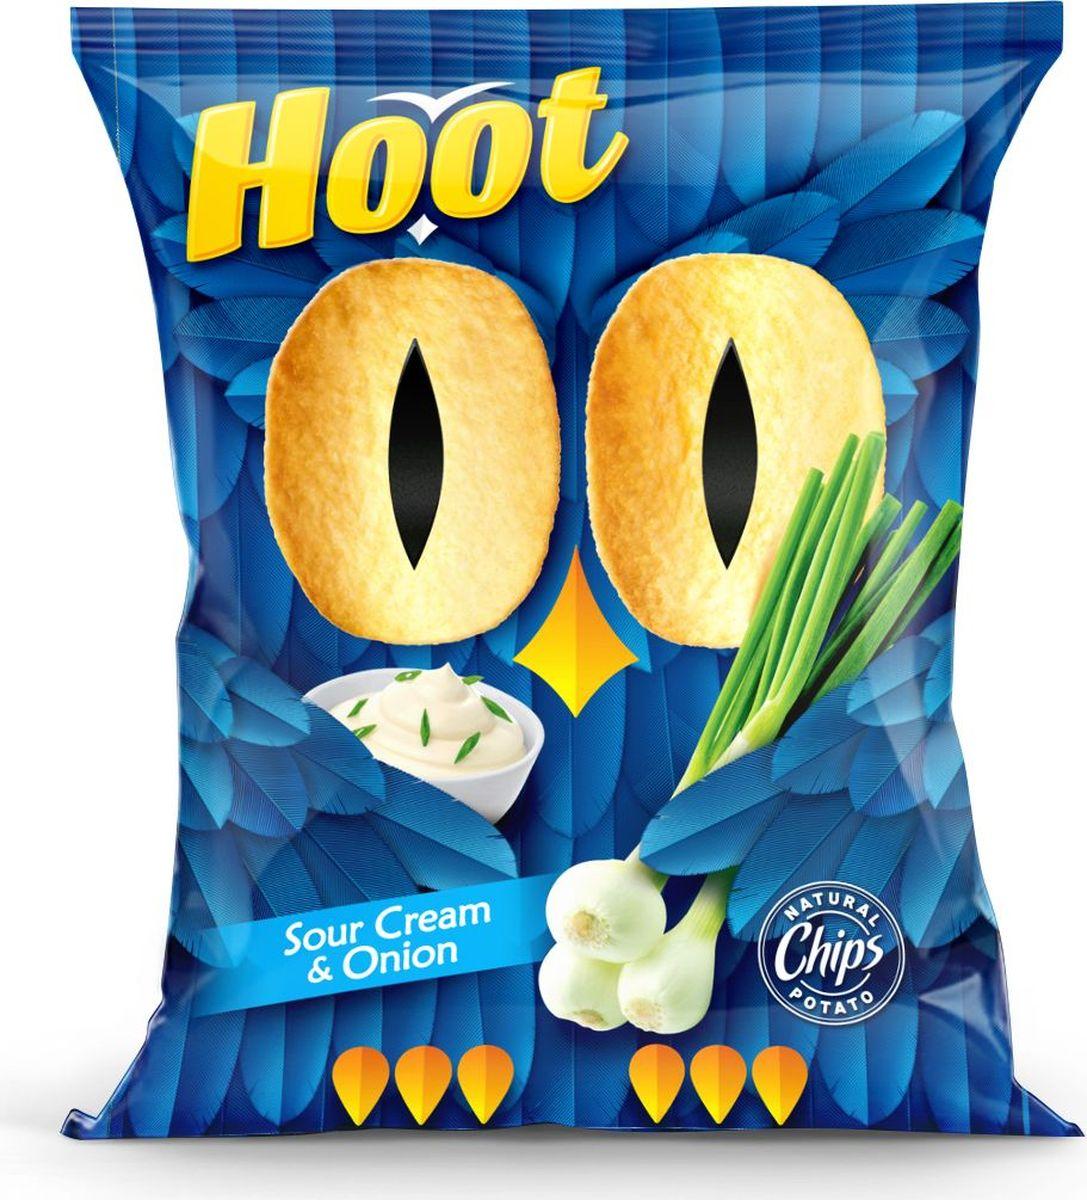 Hoot Чипсы, сметана-лук, 150 г4760156030387Картофельные чипсы со вкусом «Сметаны и лука»